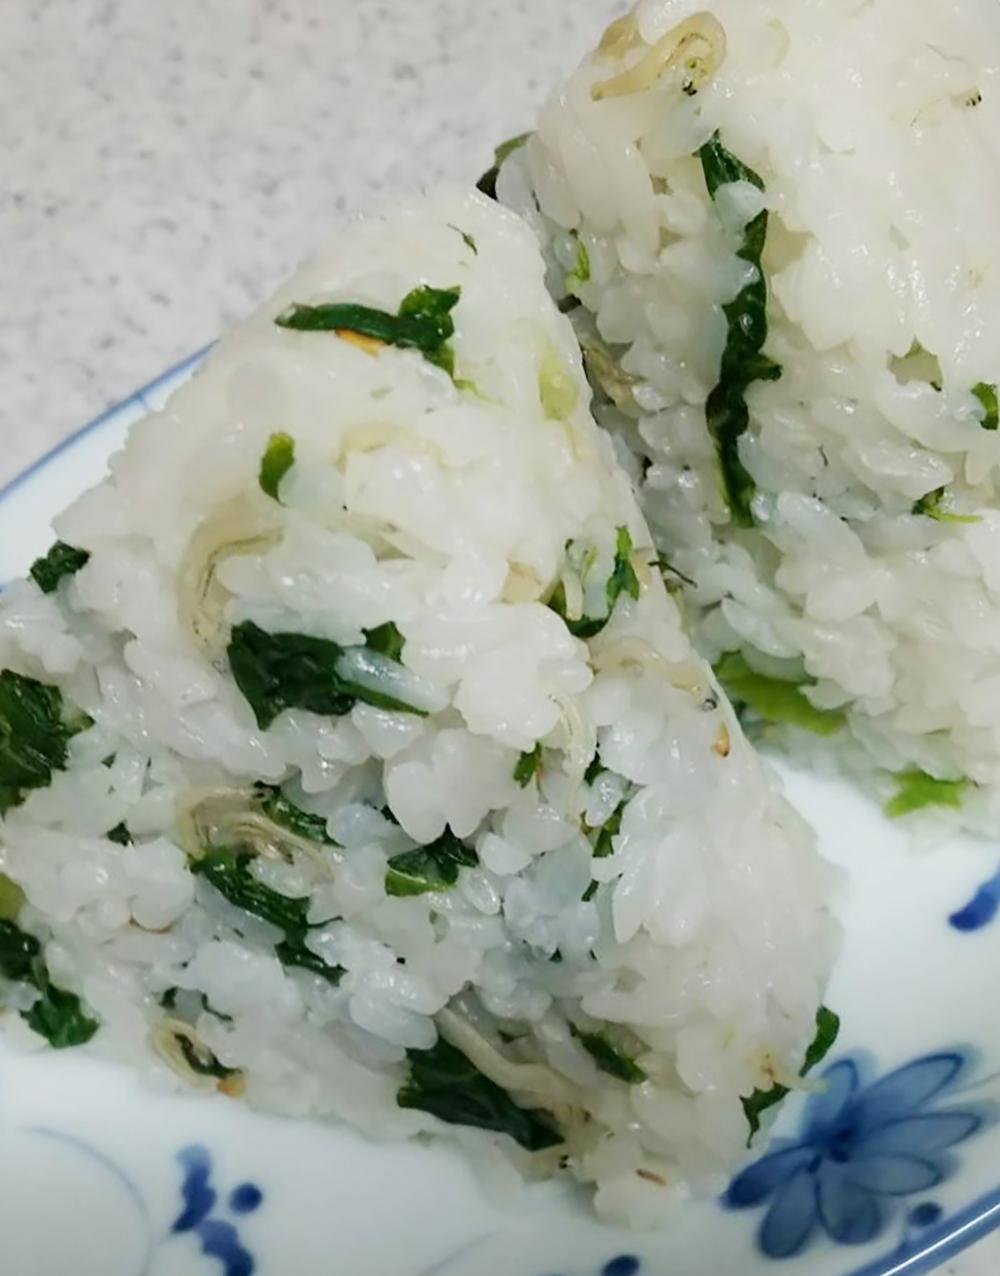 行楽シーズンに京都産野菜のおにぎりはいかが?